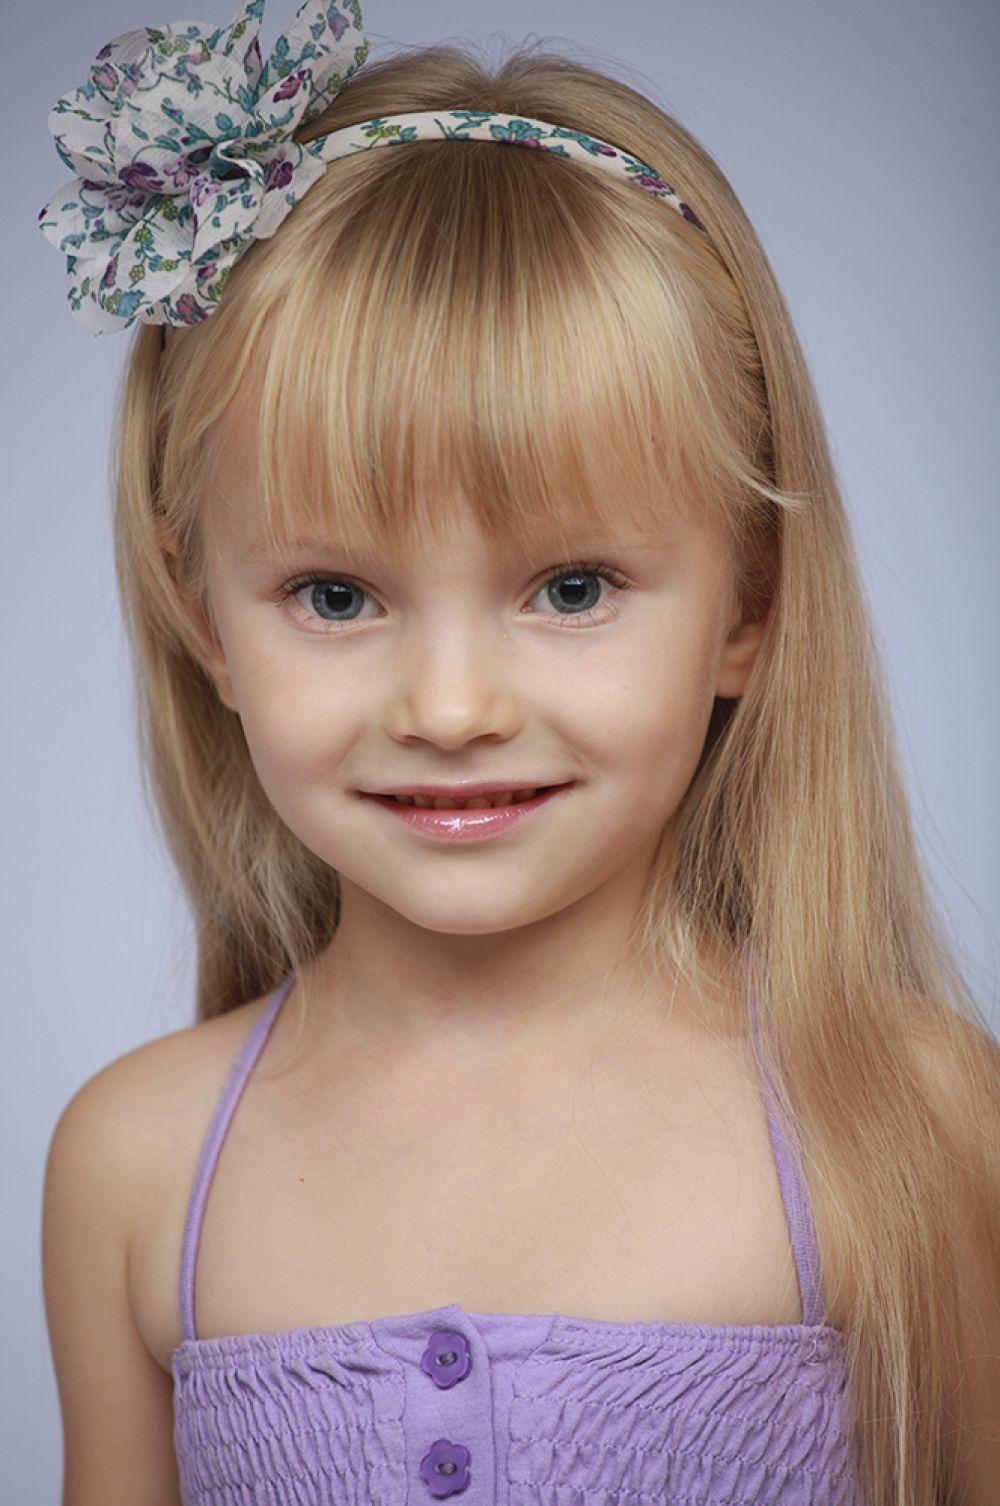 Полина Комарова, 7 лет, 8-ой конкурс красоты и талантов  «Маленькая Мисс Вятка-2016». Младшая группа.